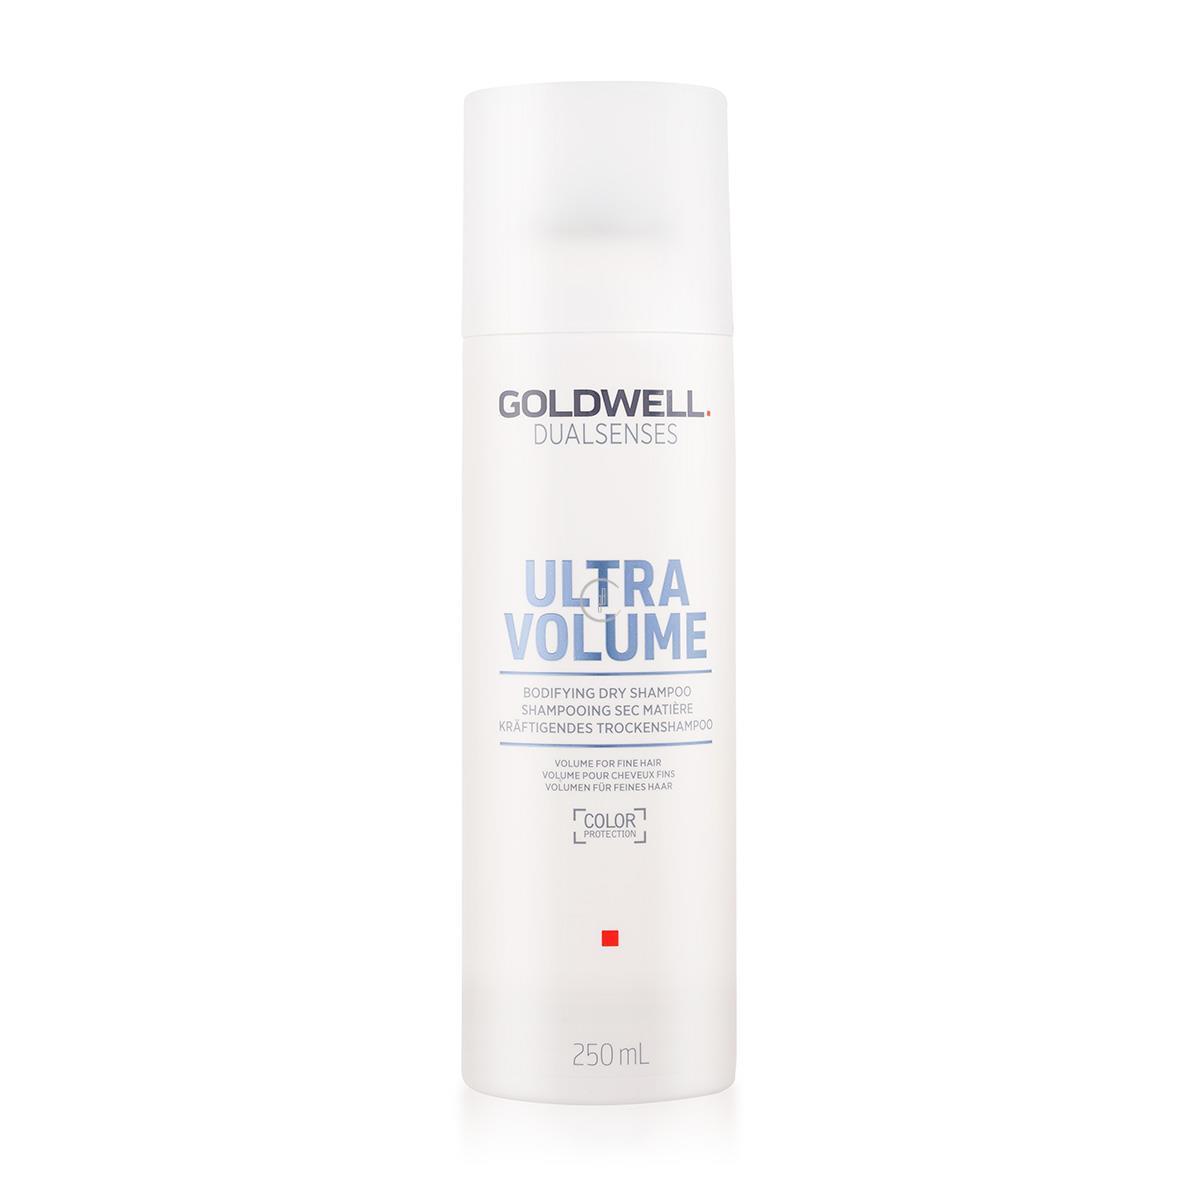 Suchy szampon zwiększający objętość